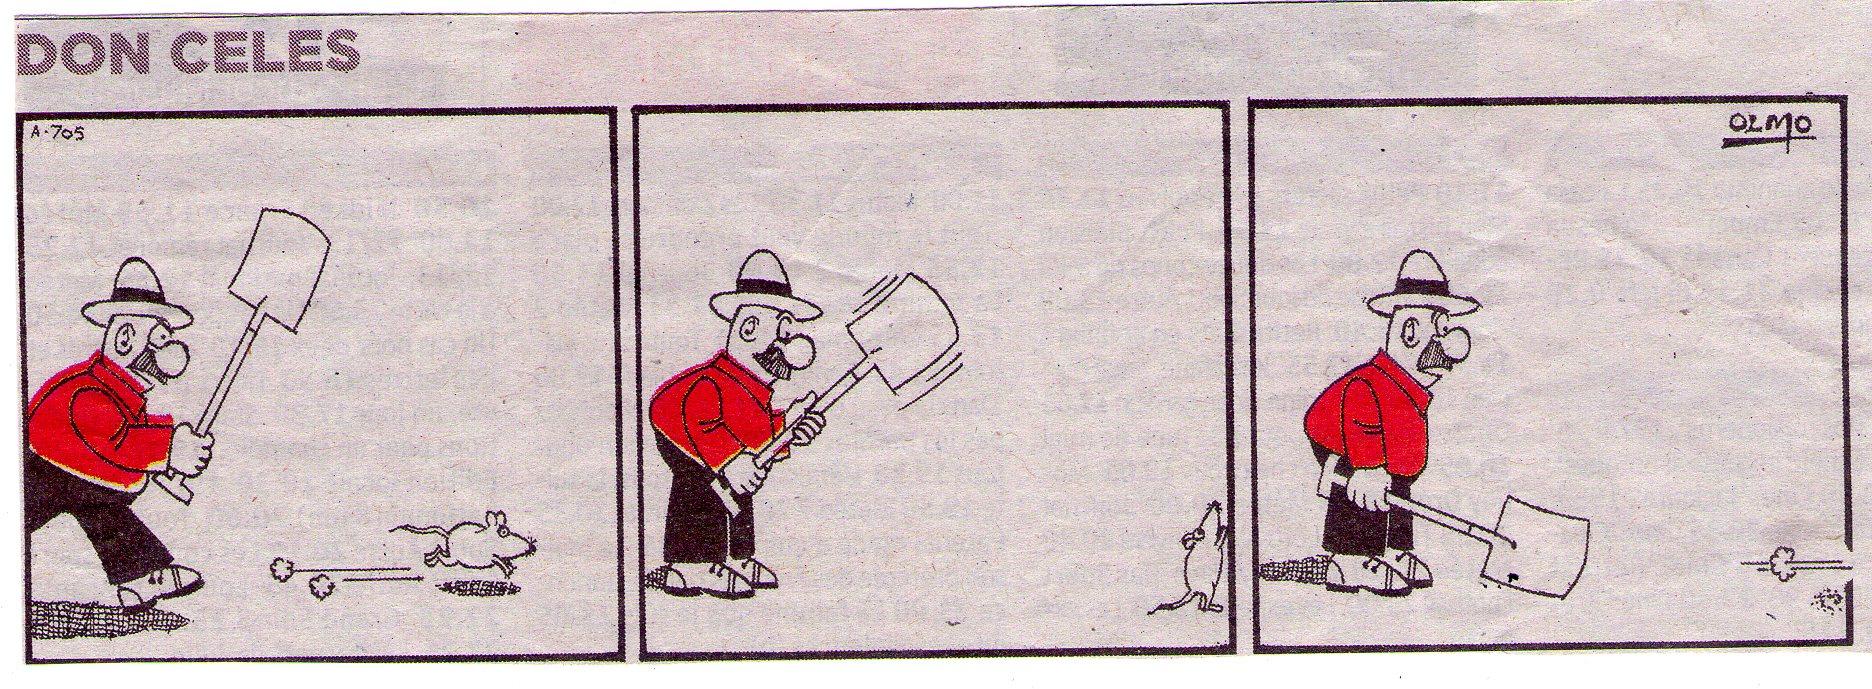 Don Celes tras un ratón que escapa